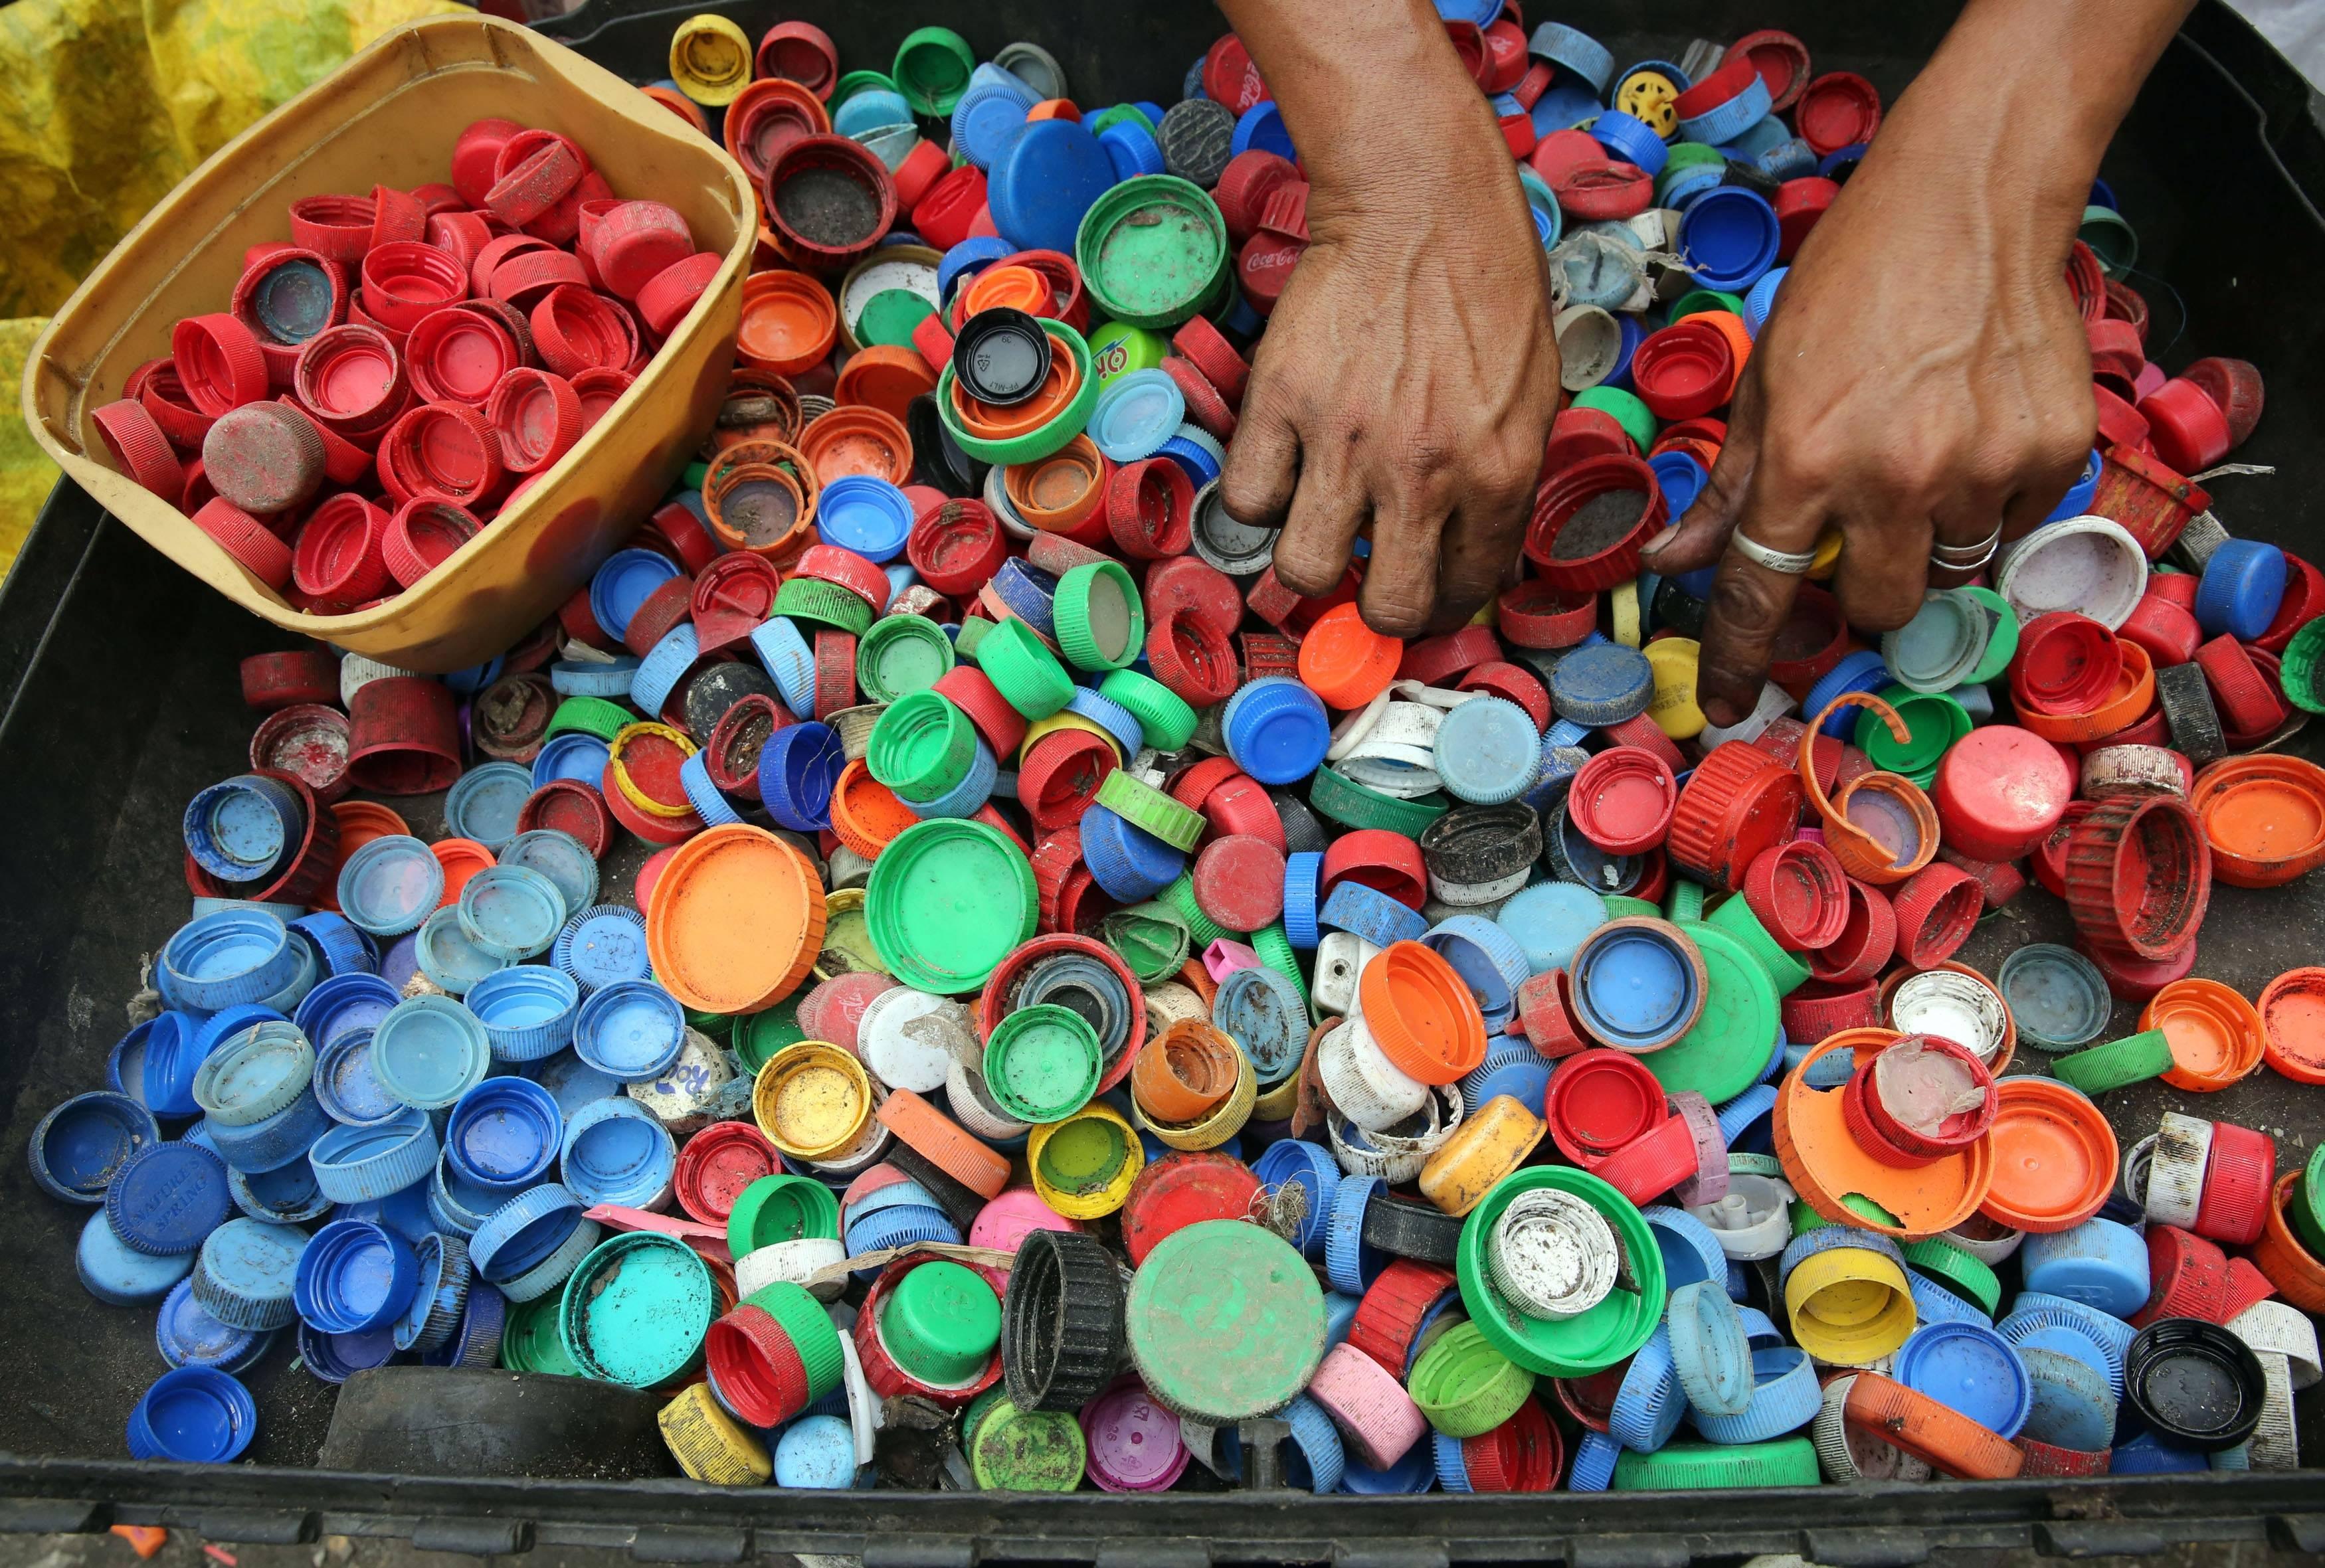 Crean un nuevo plástico biodegradable gracias a la acción de microorganismos marinos